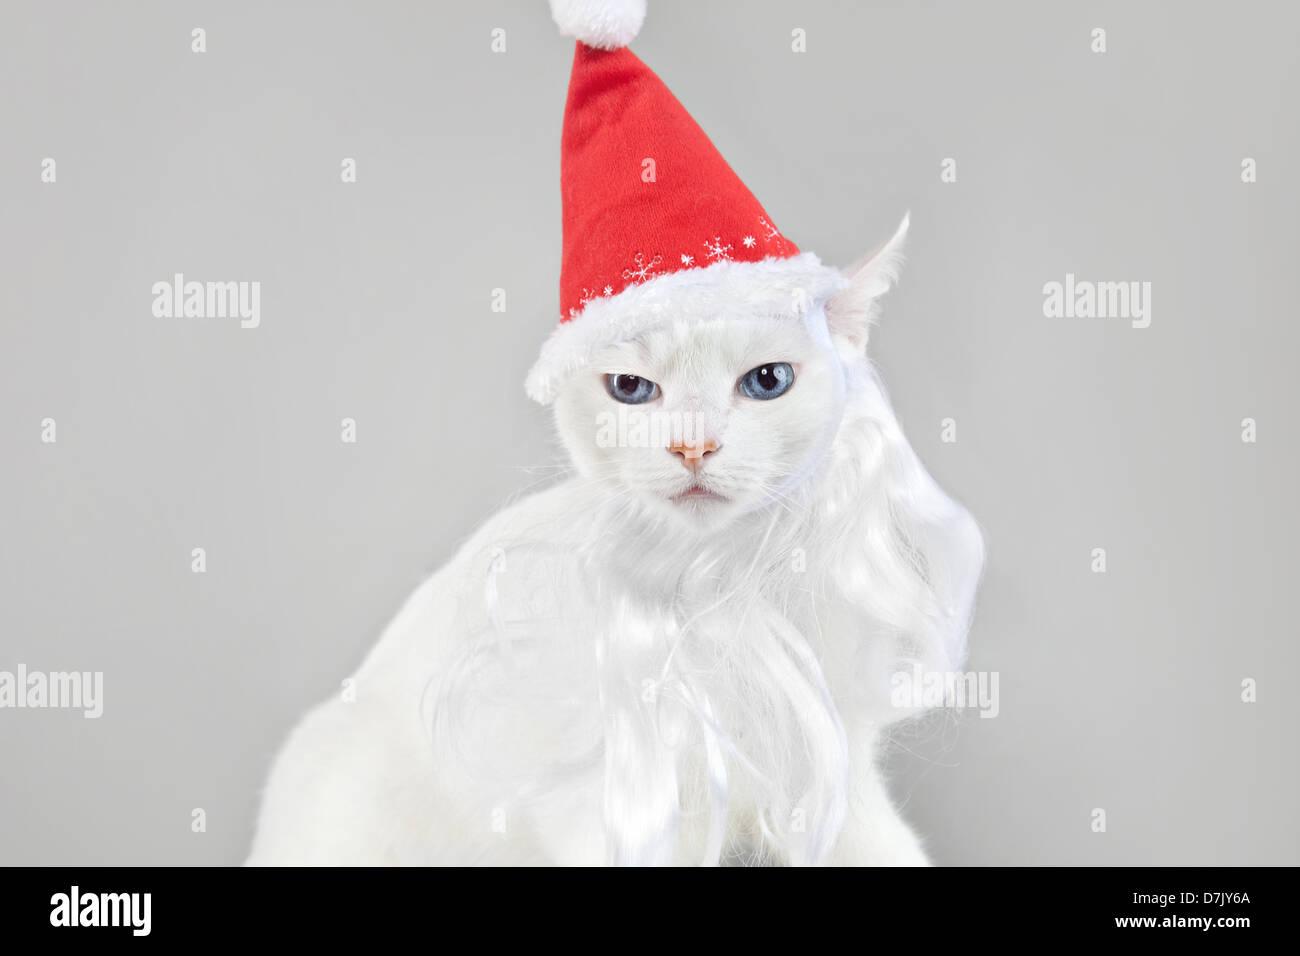 Santa cat woman contre l'arrière-plan gris Photo Stock